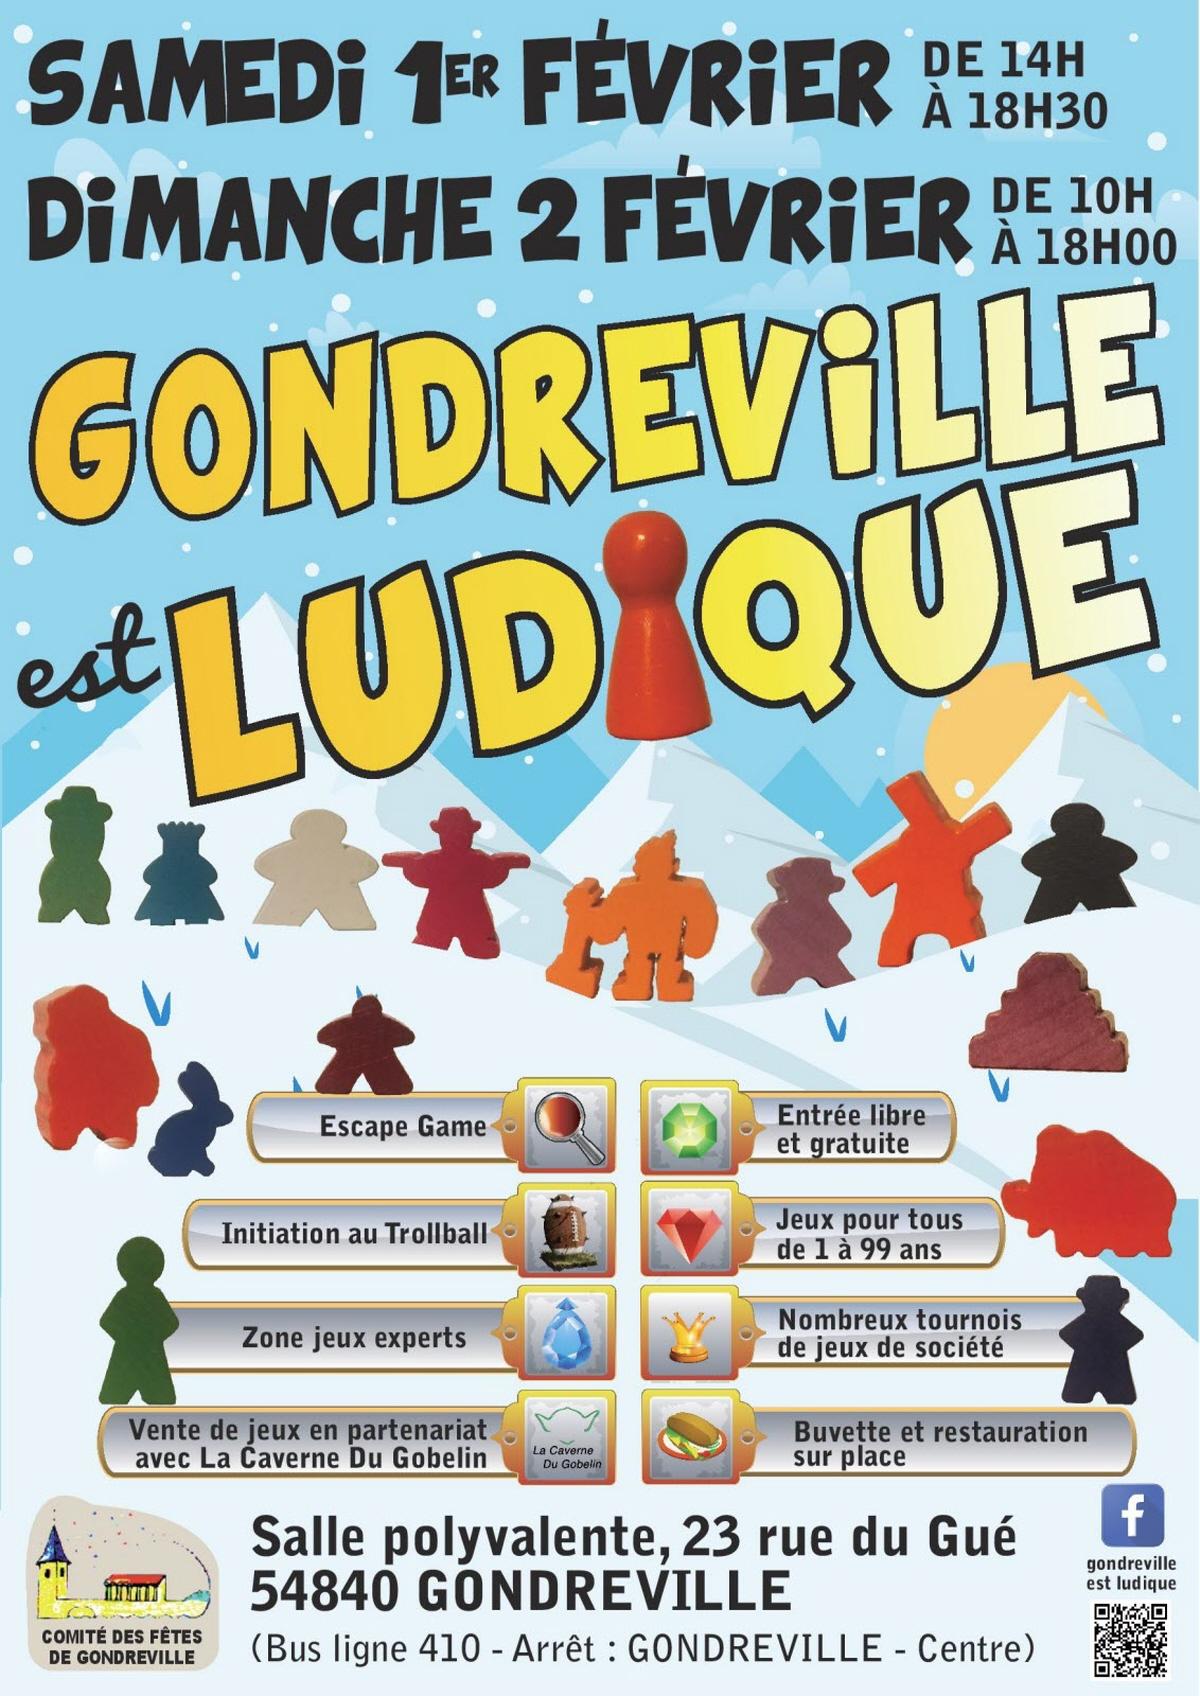 Gondreville Est Ludique : Jeu De Societe A Gondreville encequiconcerne Carte De France Ludique